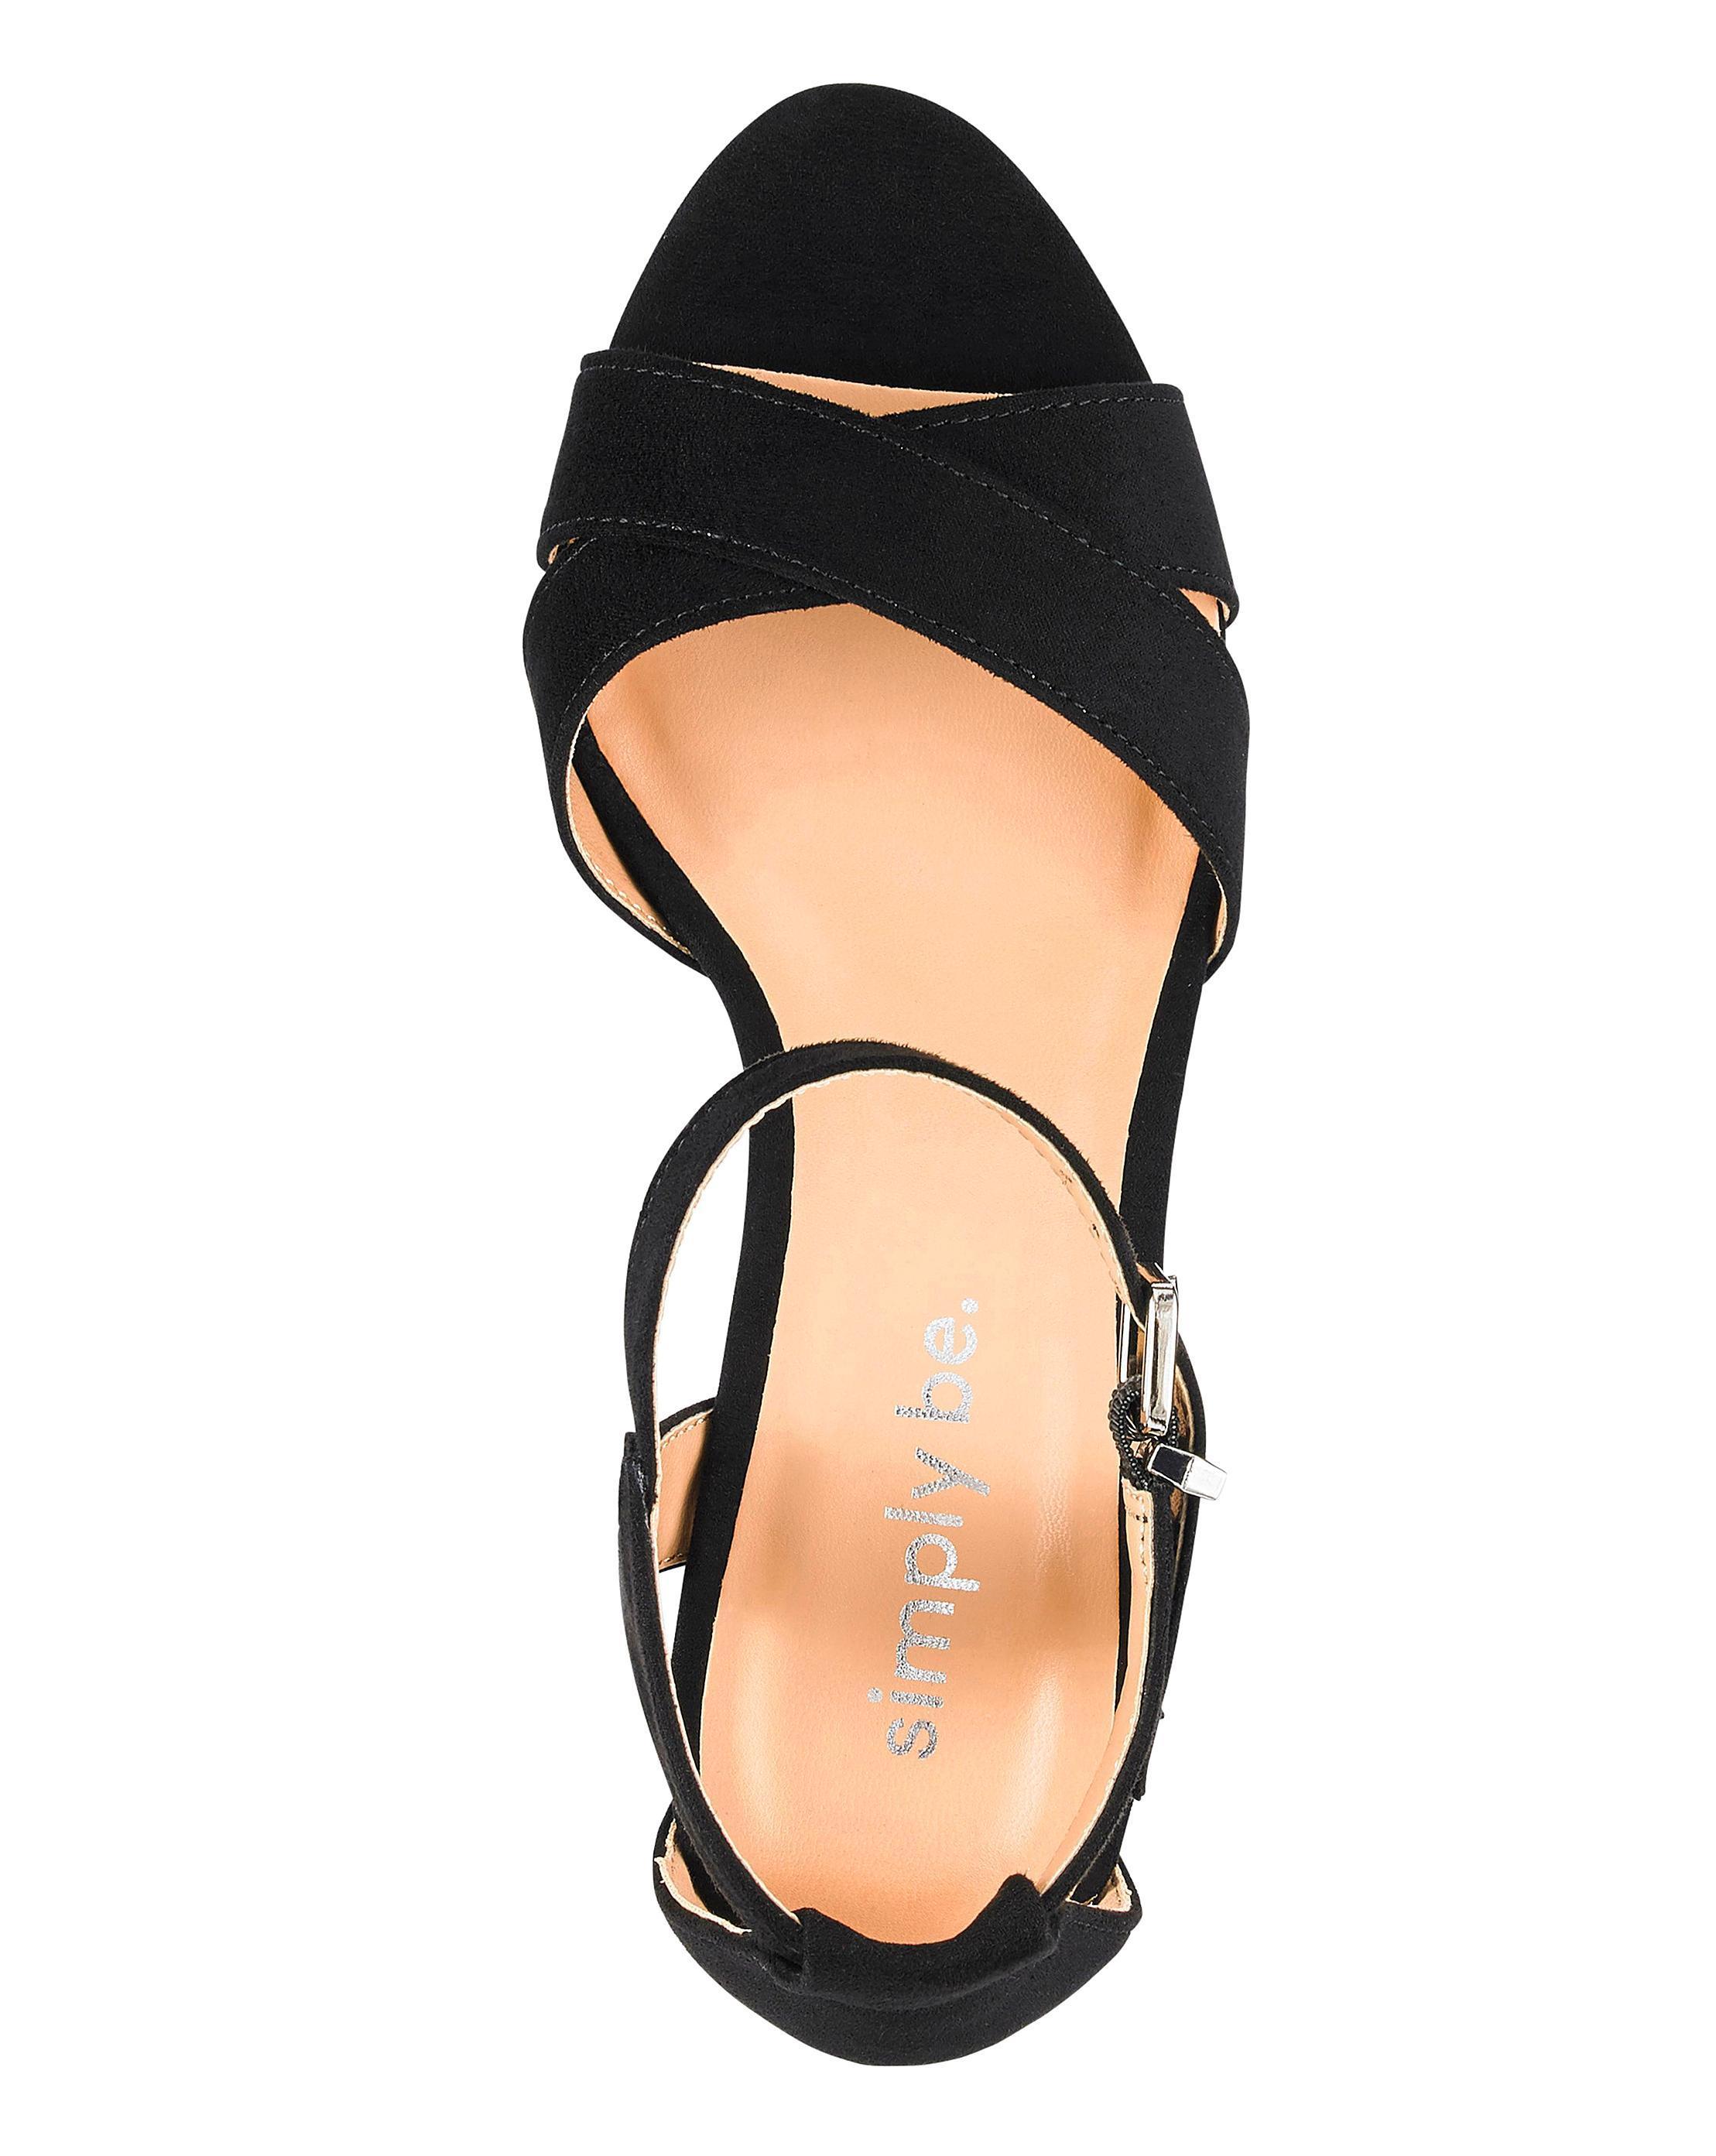 81f7a334eda Lyst - Simply Be Helen Block Heels in Black